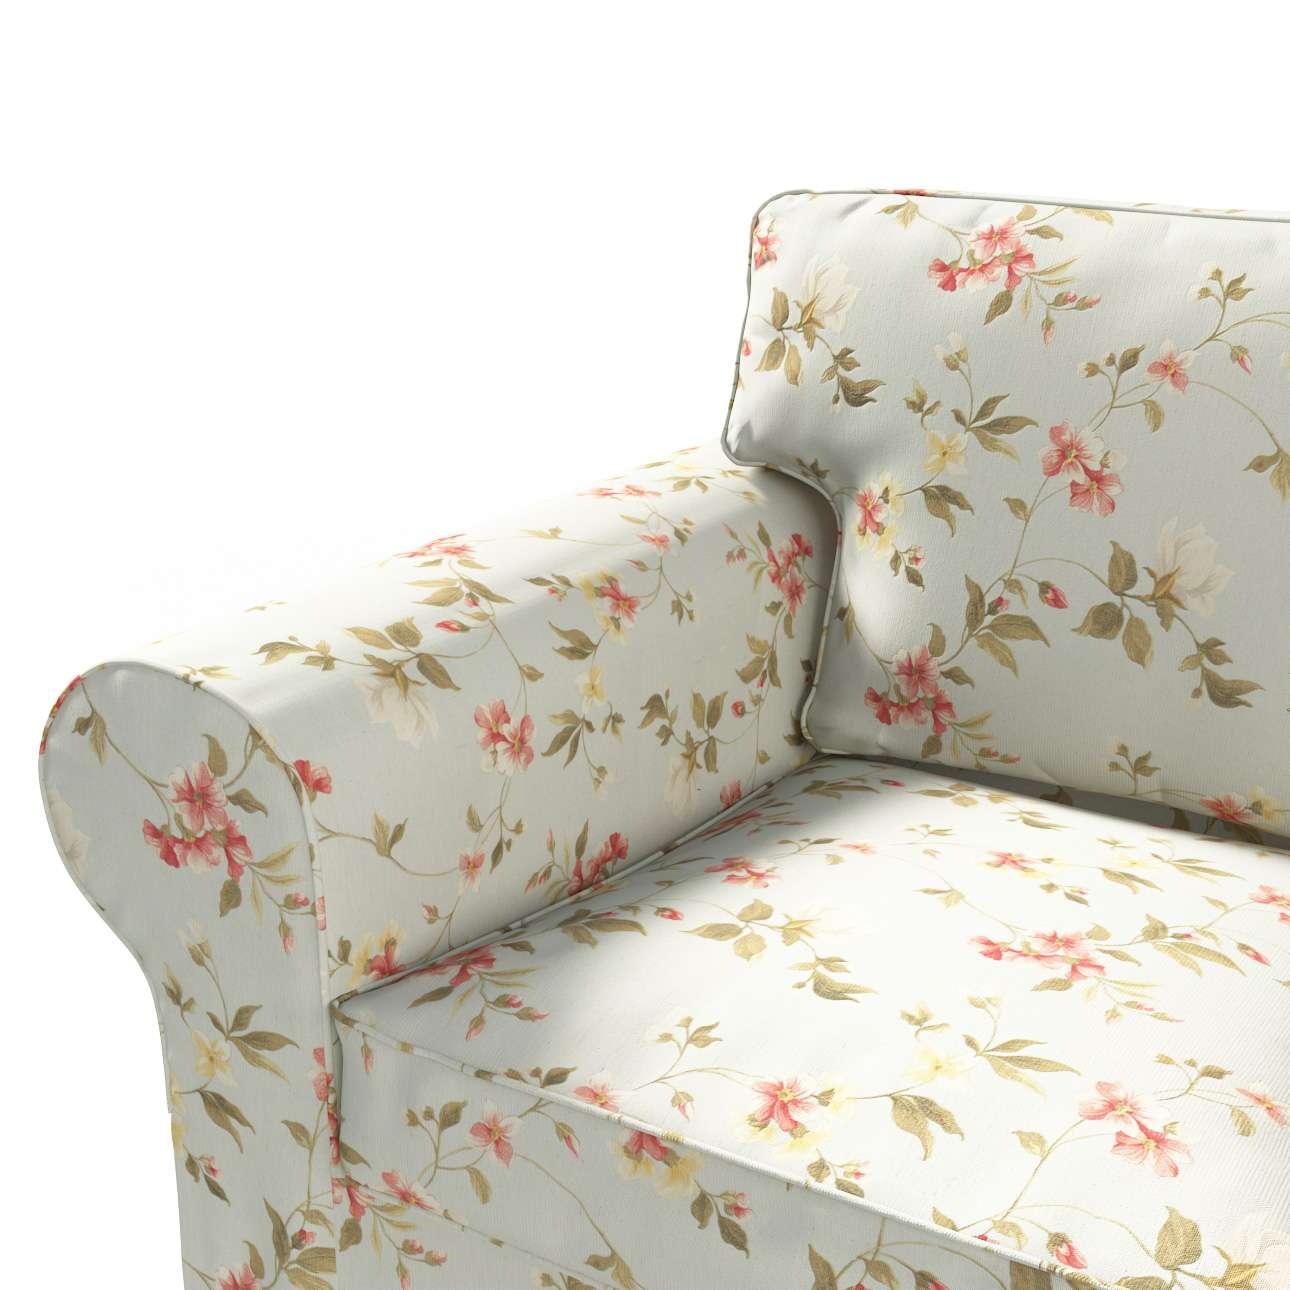 Pokrowiec na sofę Ektorp 2-osobową, rozkładaną, model do 2012 w kolekcji Londres, tkanina: 124-65